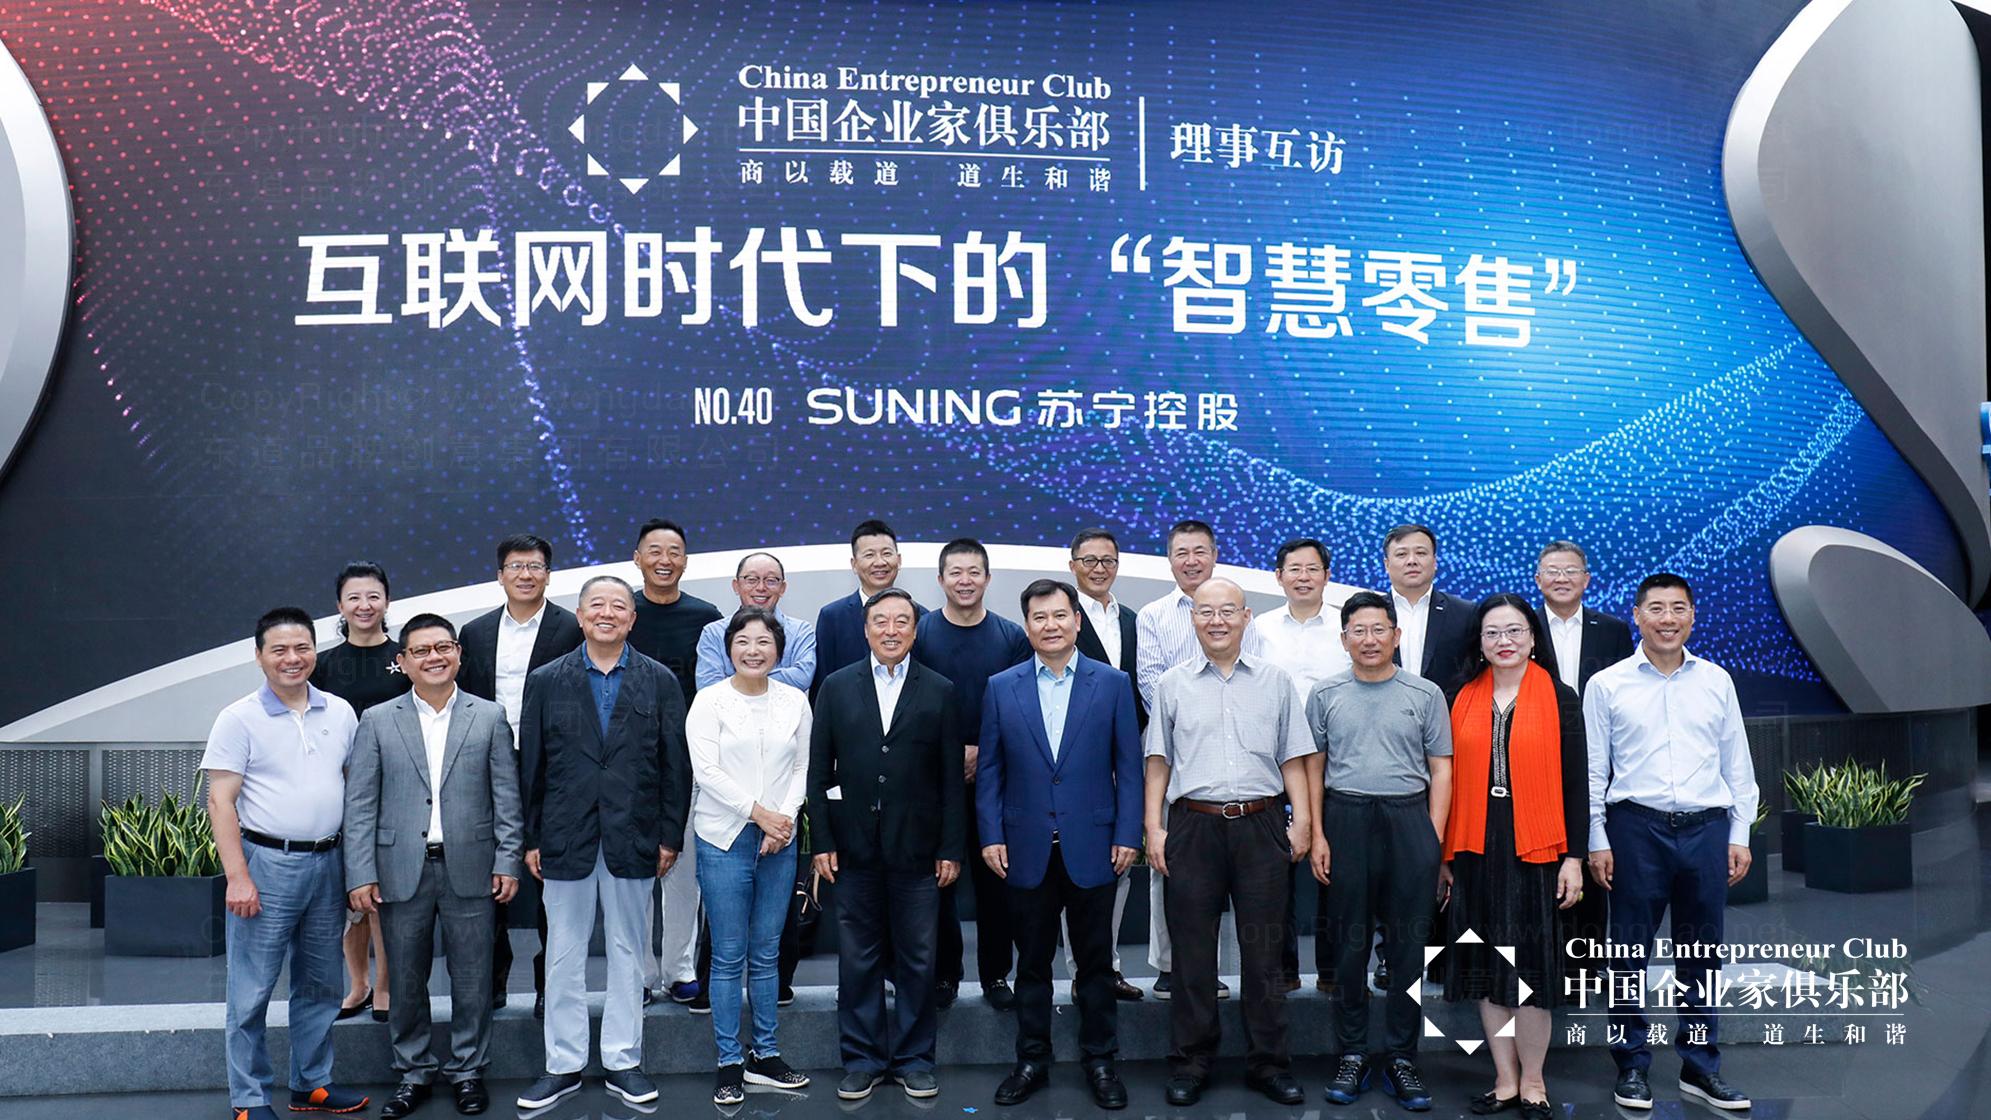 品牌设计中国企业家俱乐部LOGO设计应用场景_6